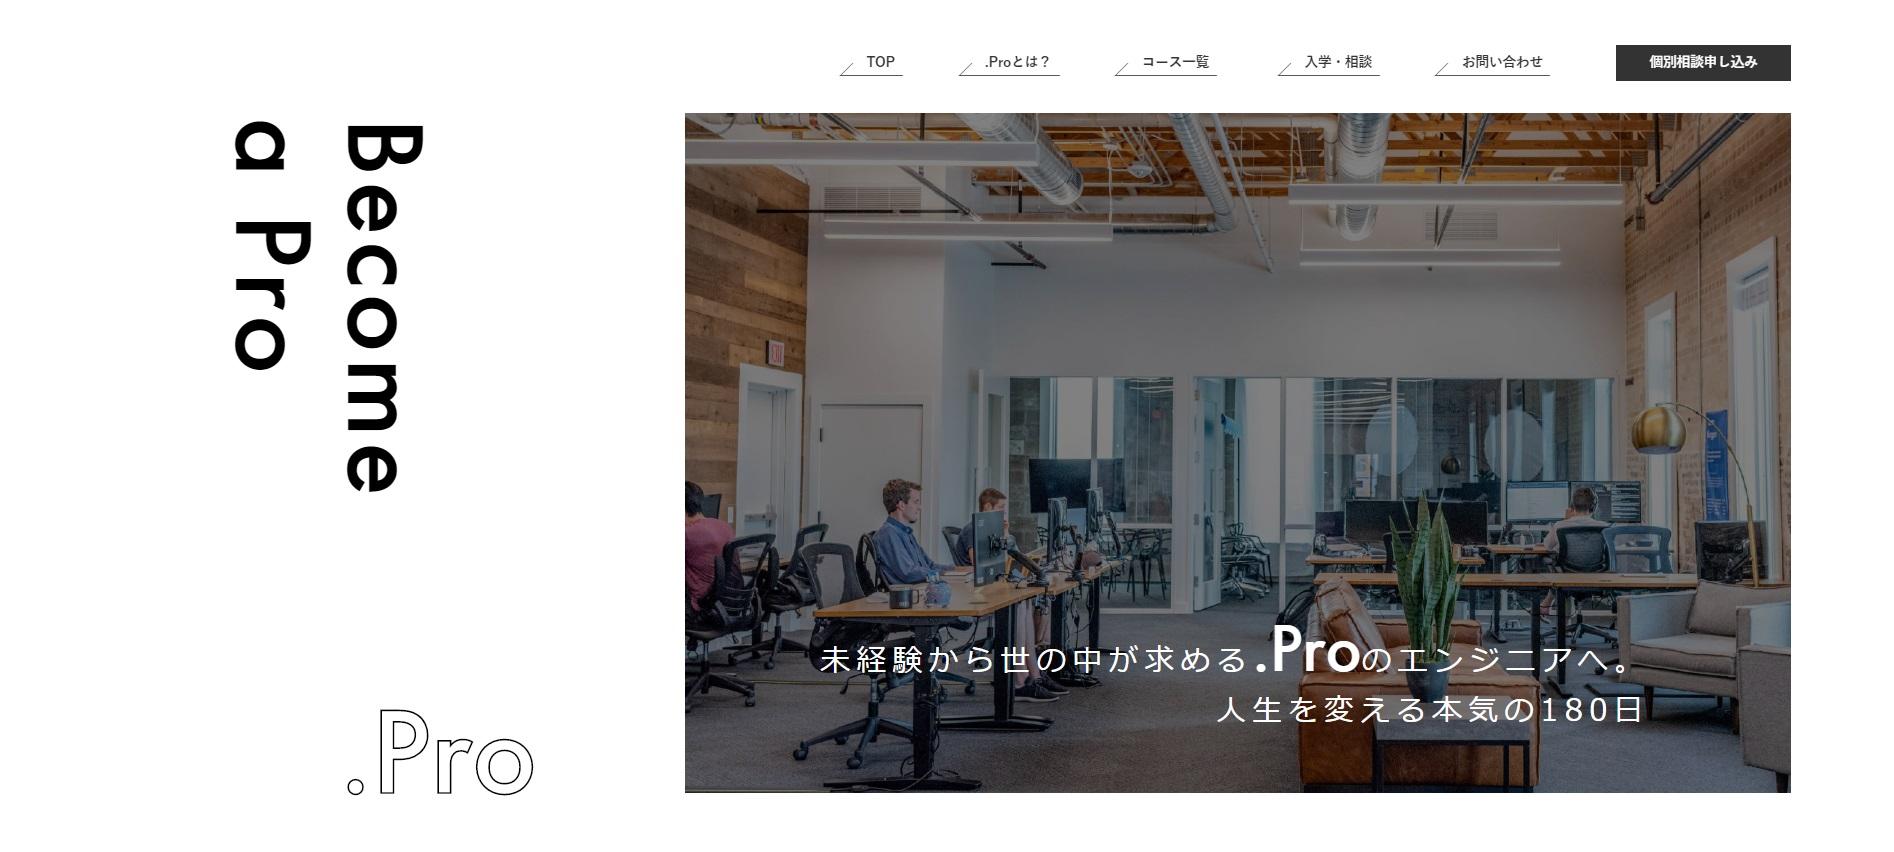 .pro公式ページ画像